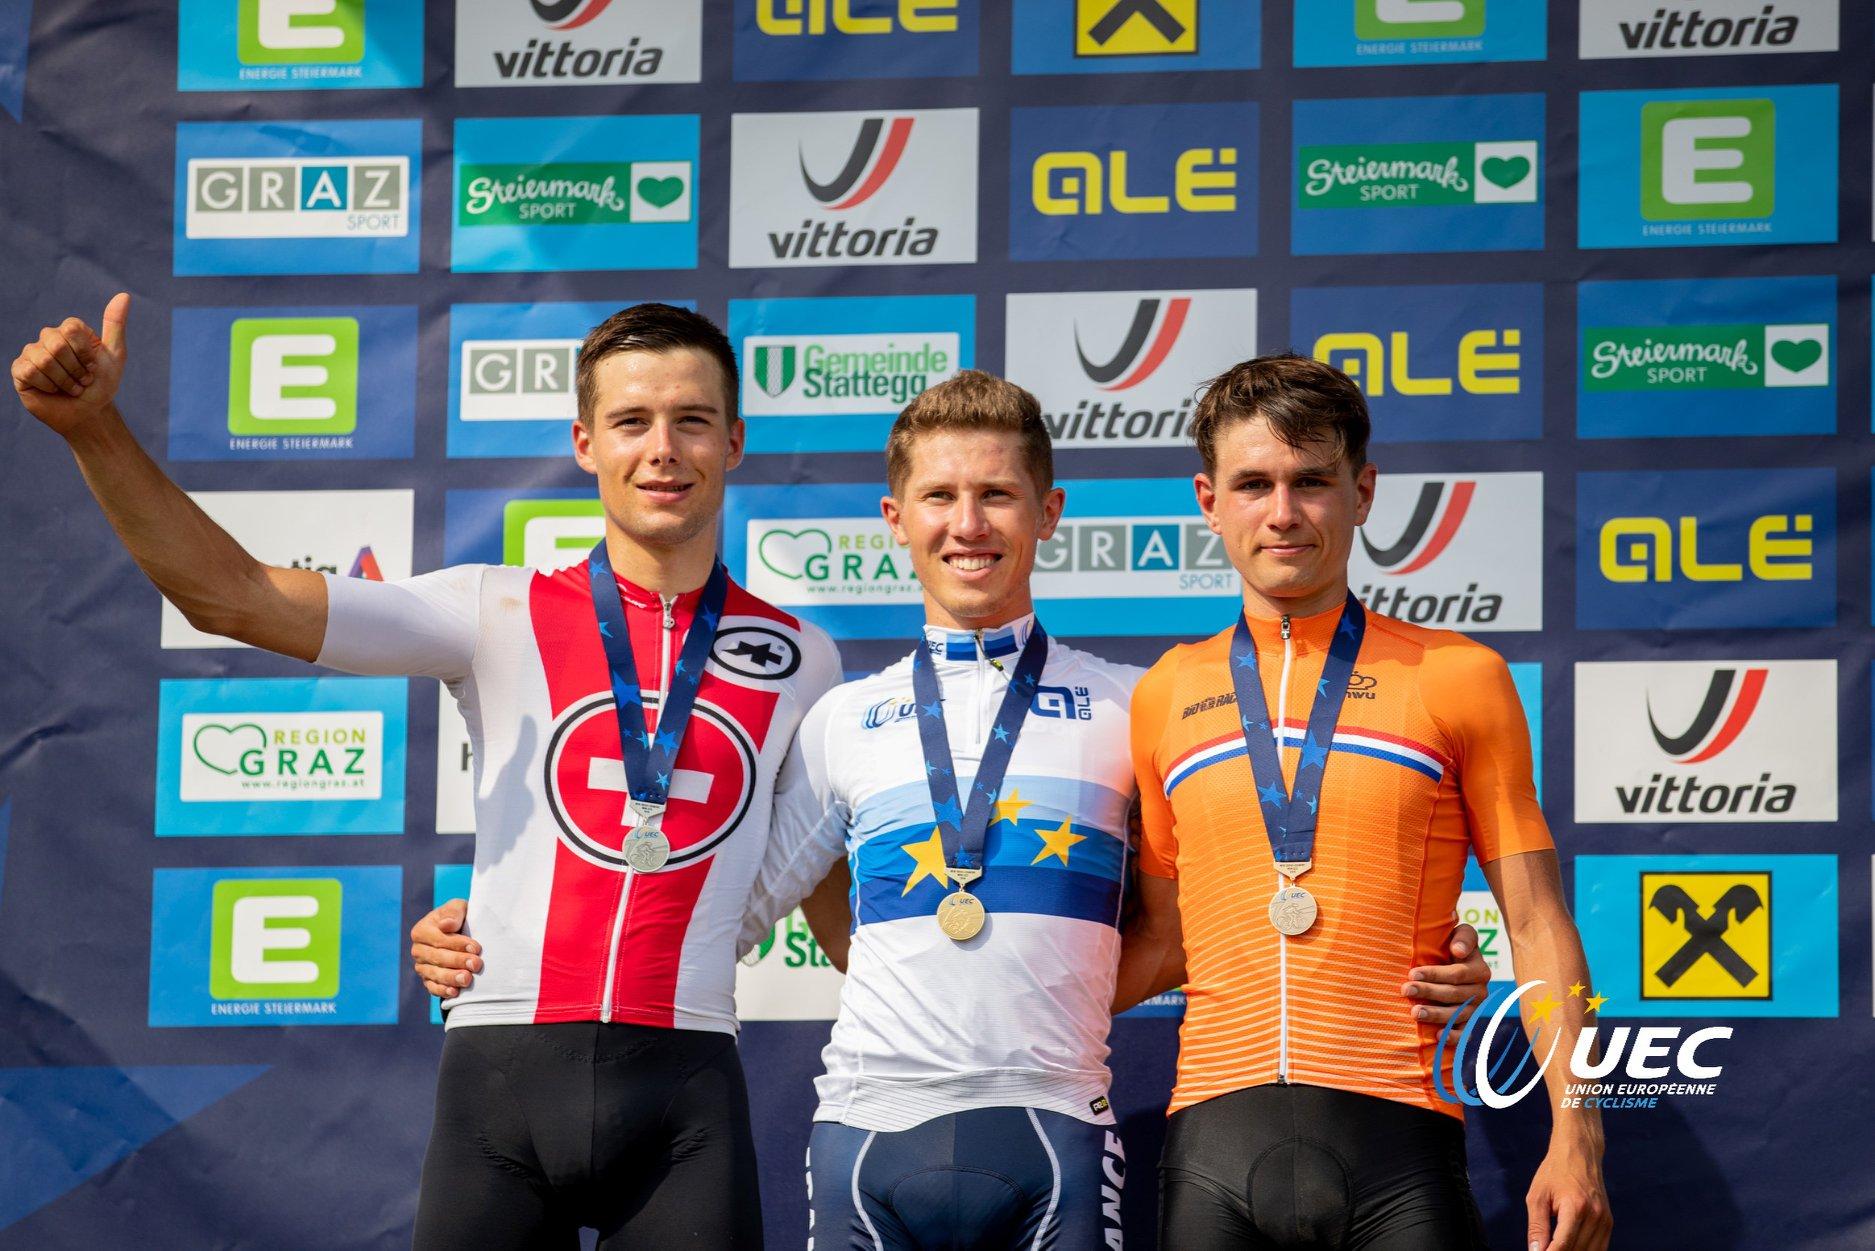 Il podio del Campionato Europeo XCO Under 23